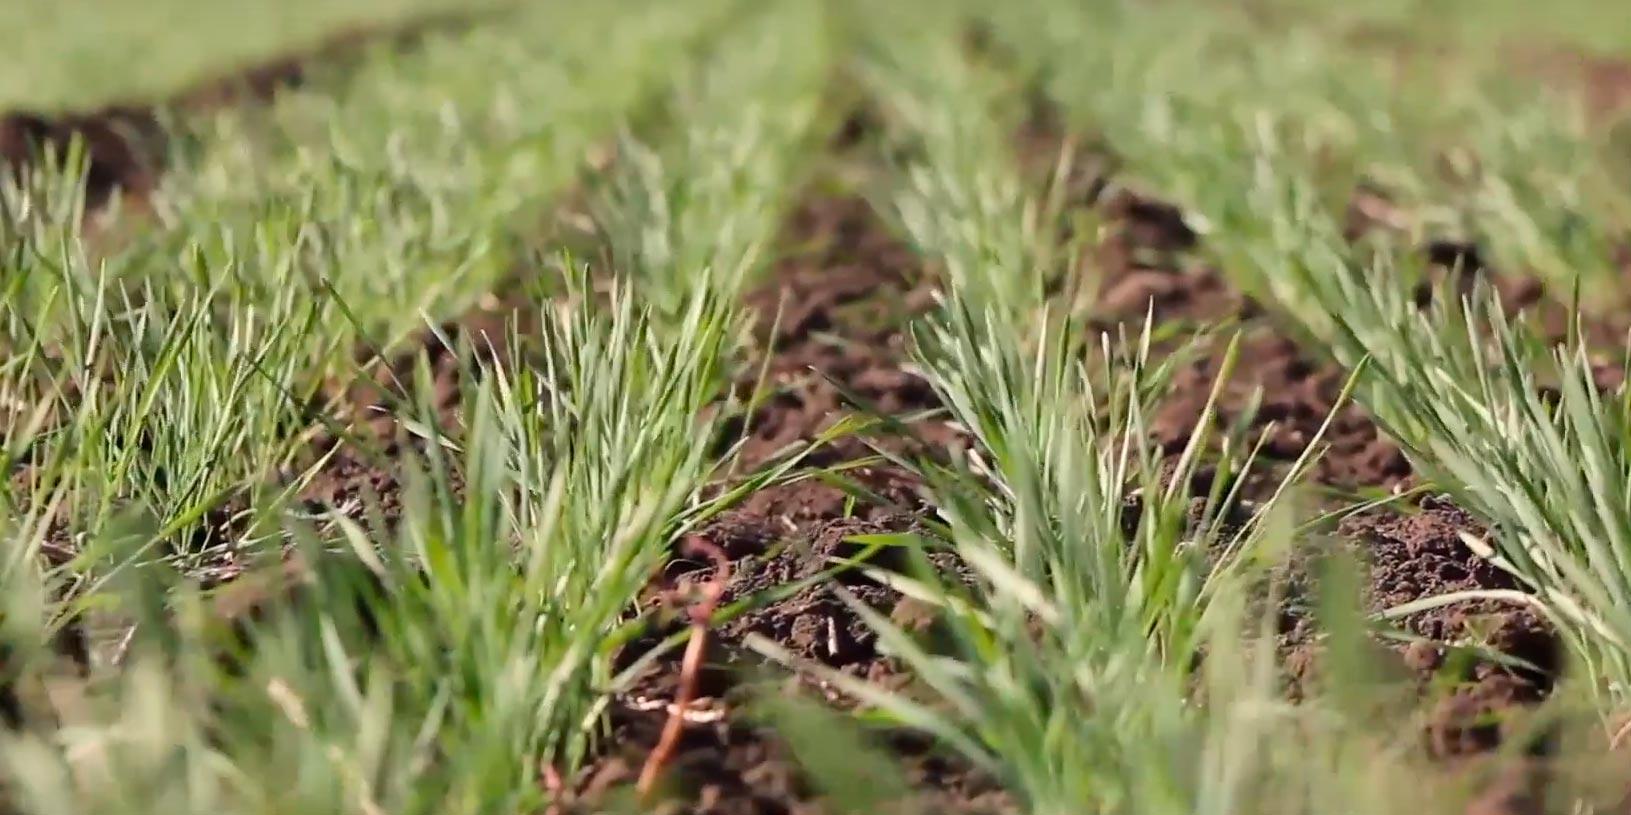 второй этап органогенеза пшеницы